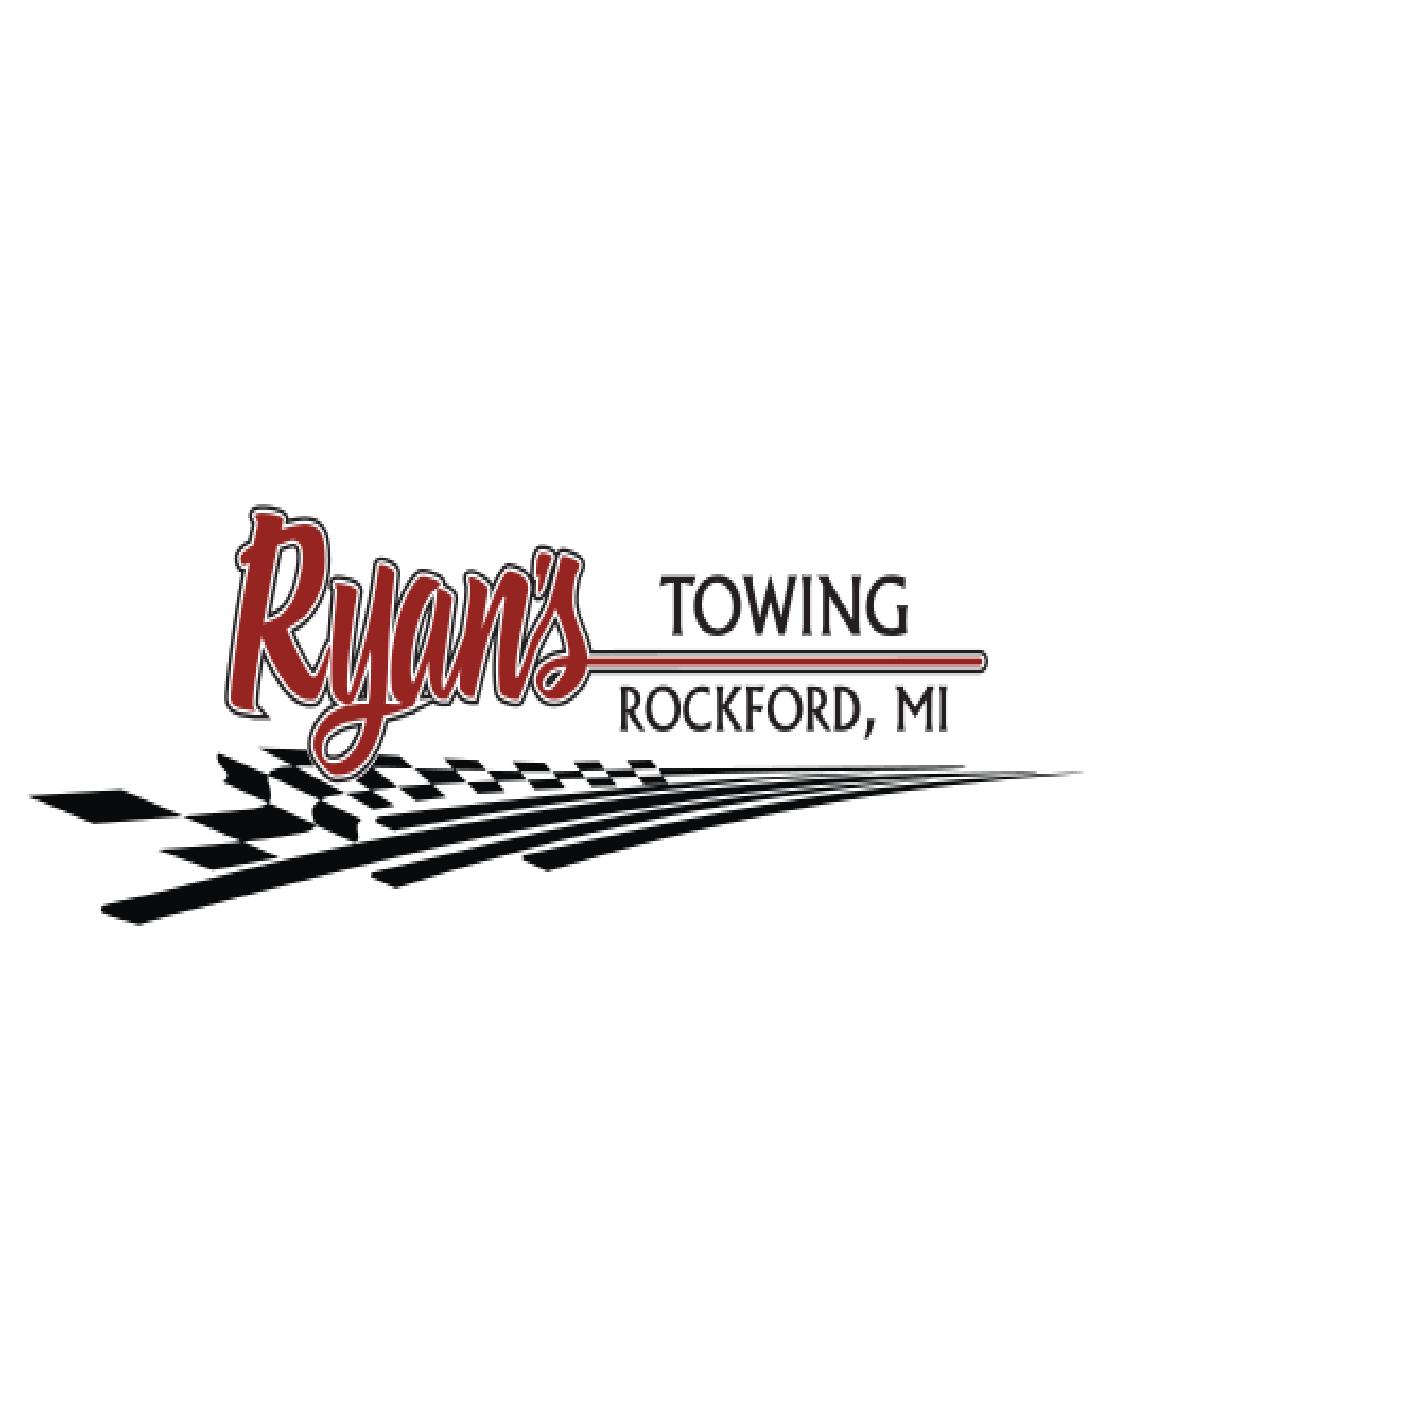 Ryans Towing